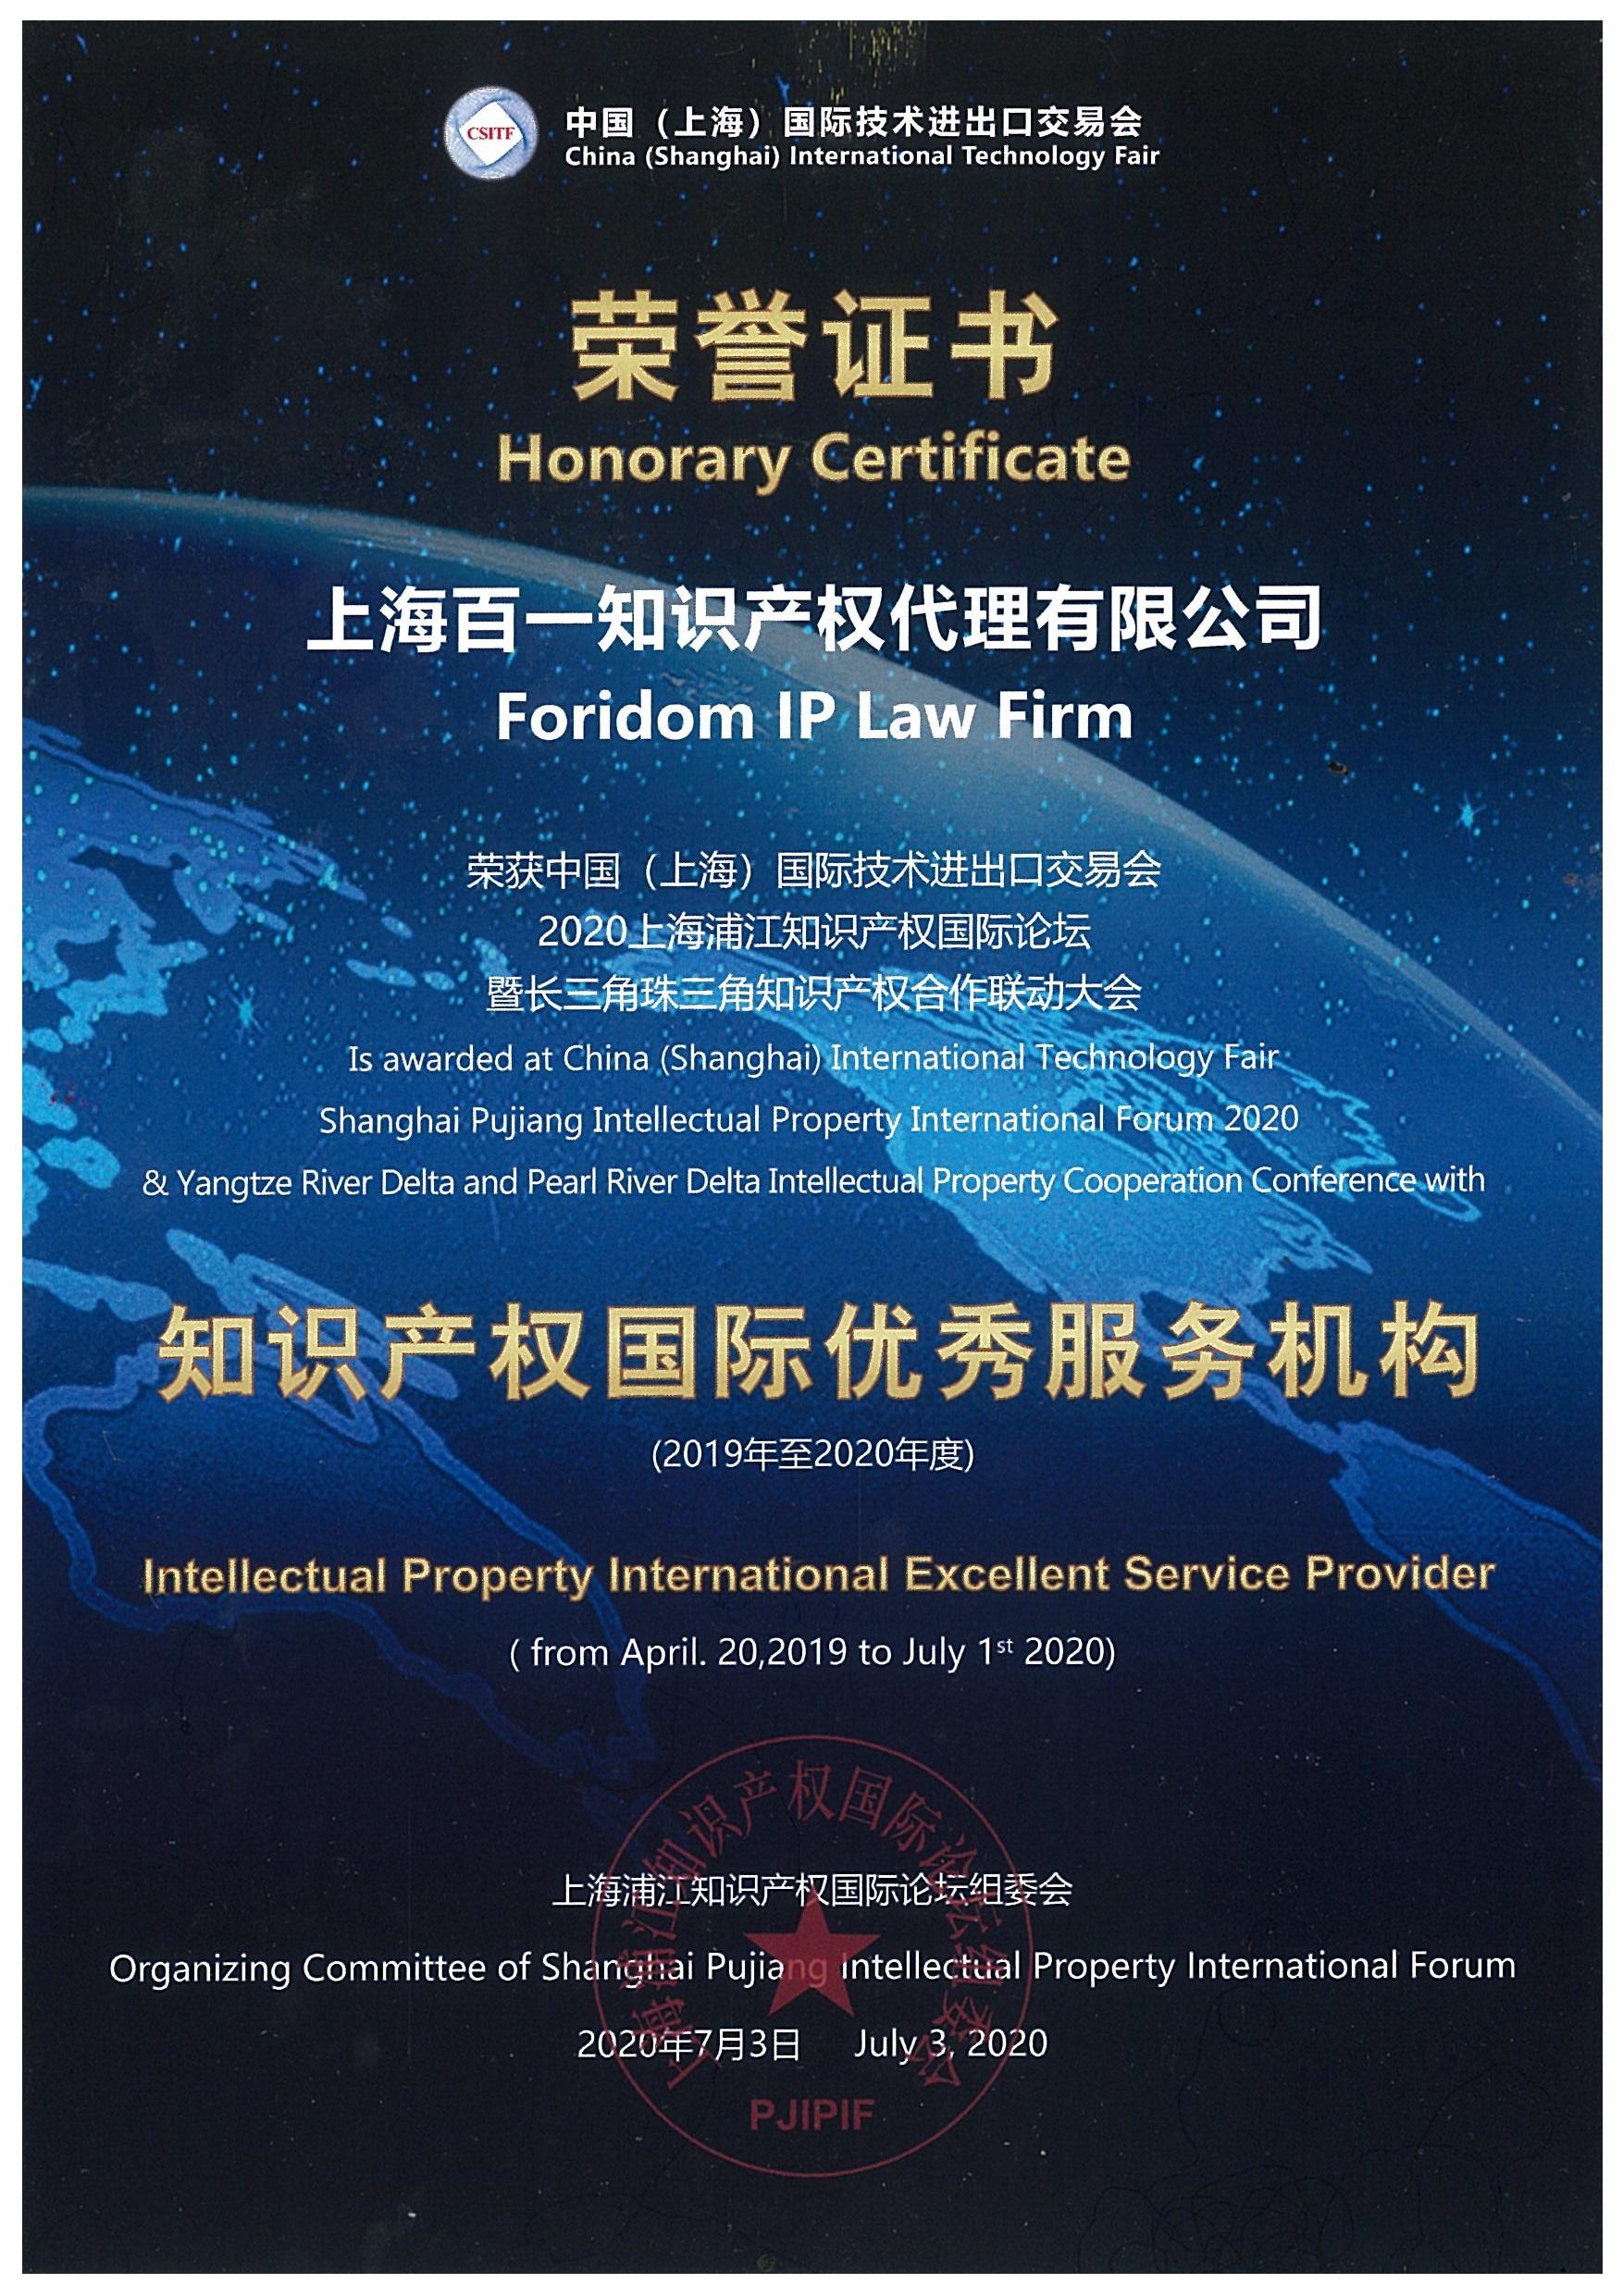 2019年至2020年度知识产权国际优秀服务机构